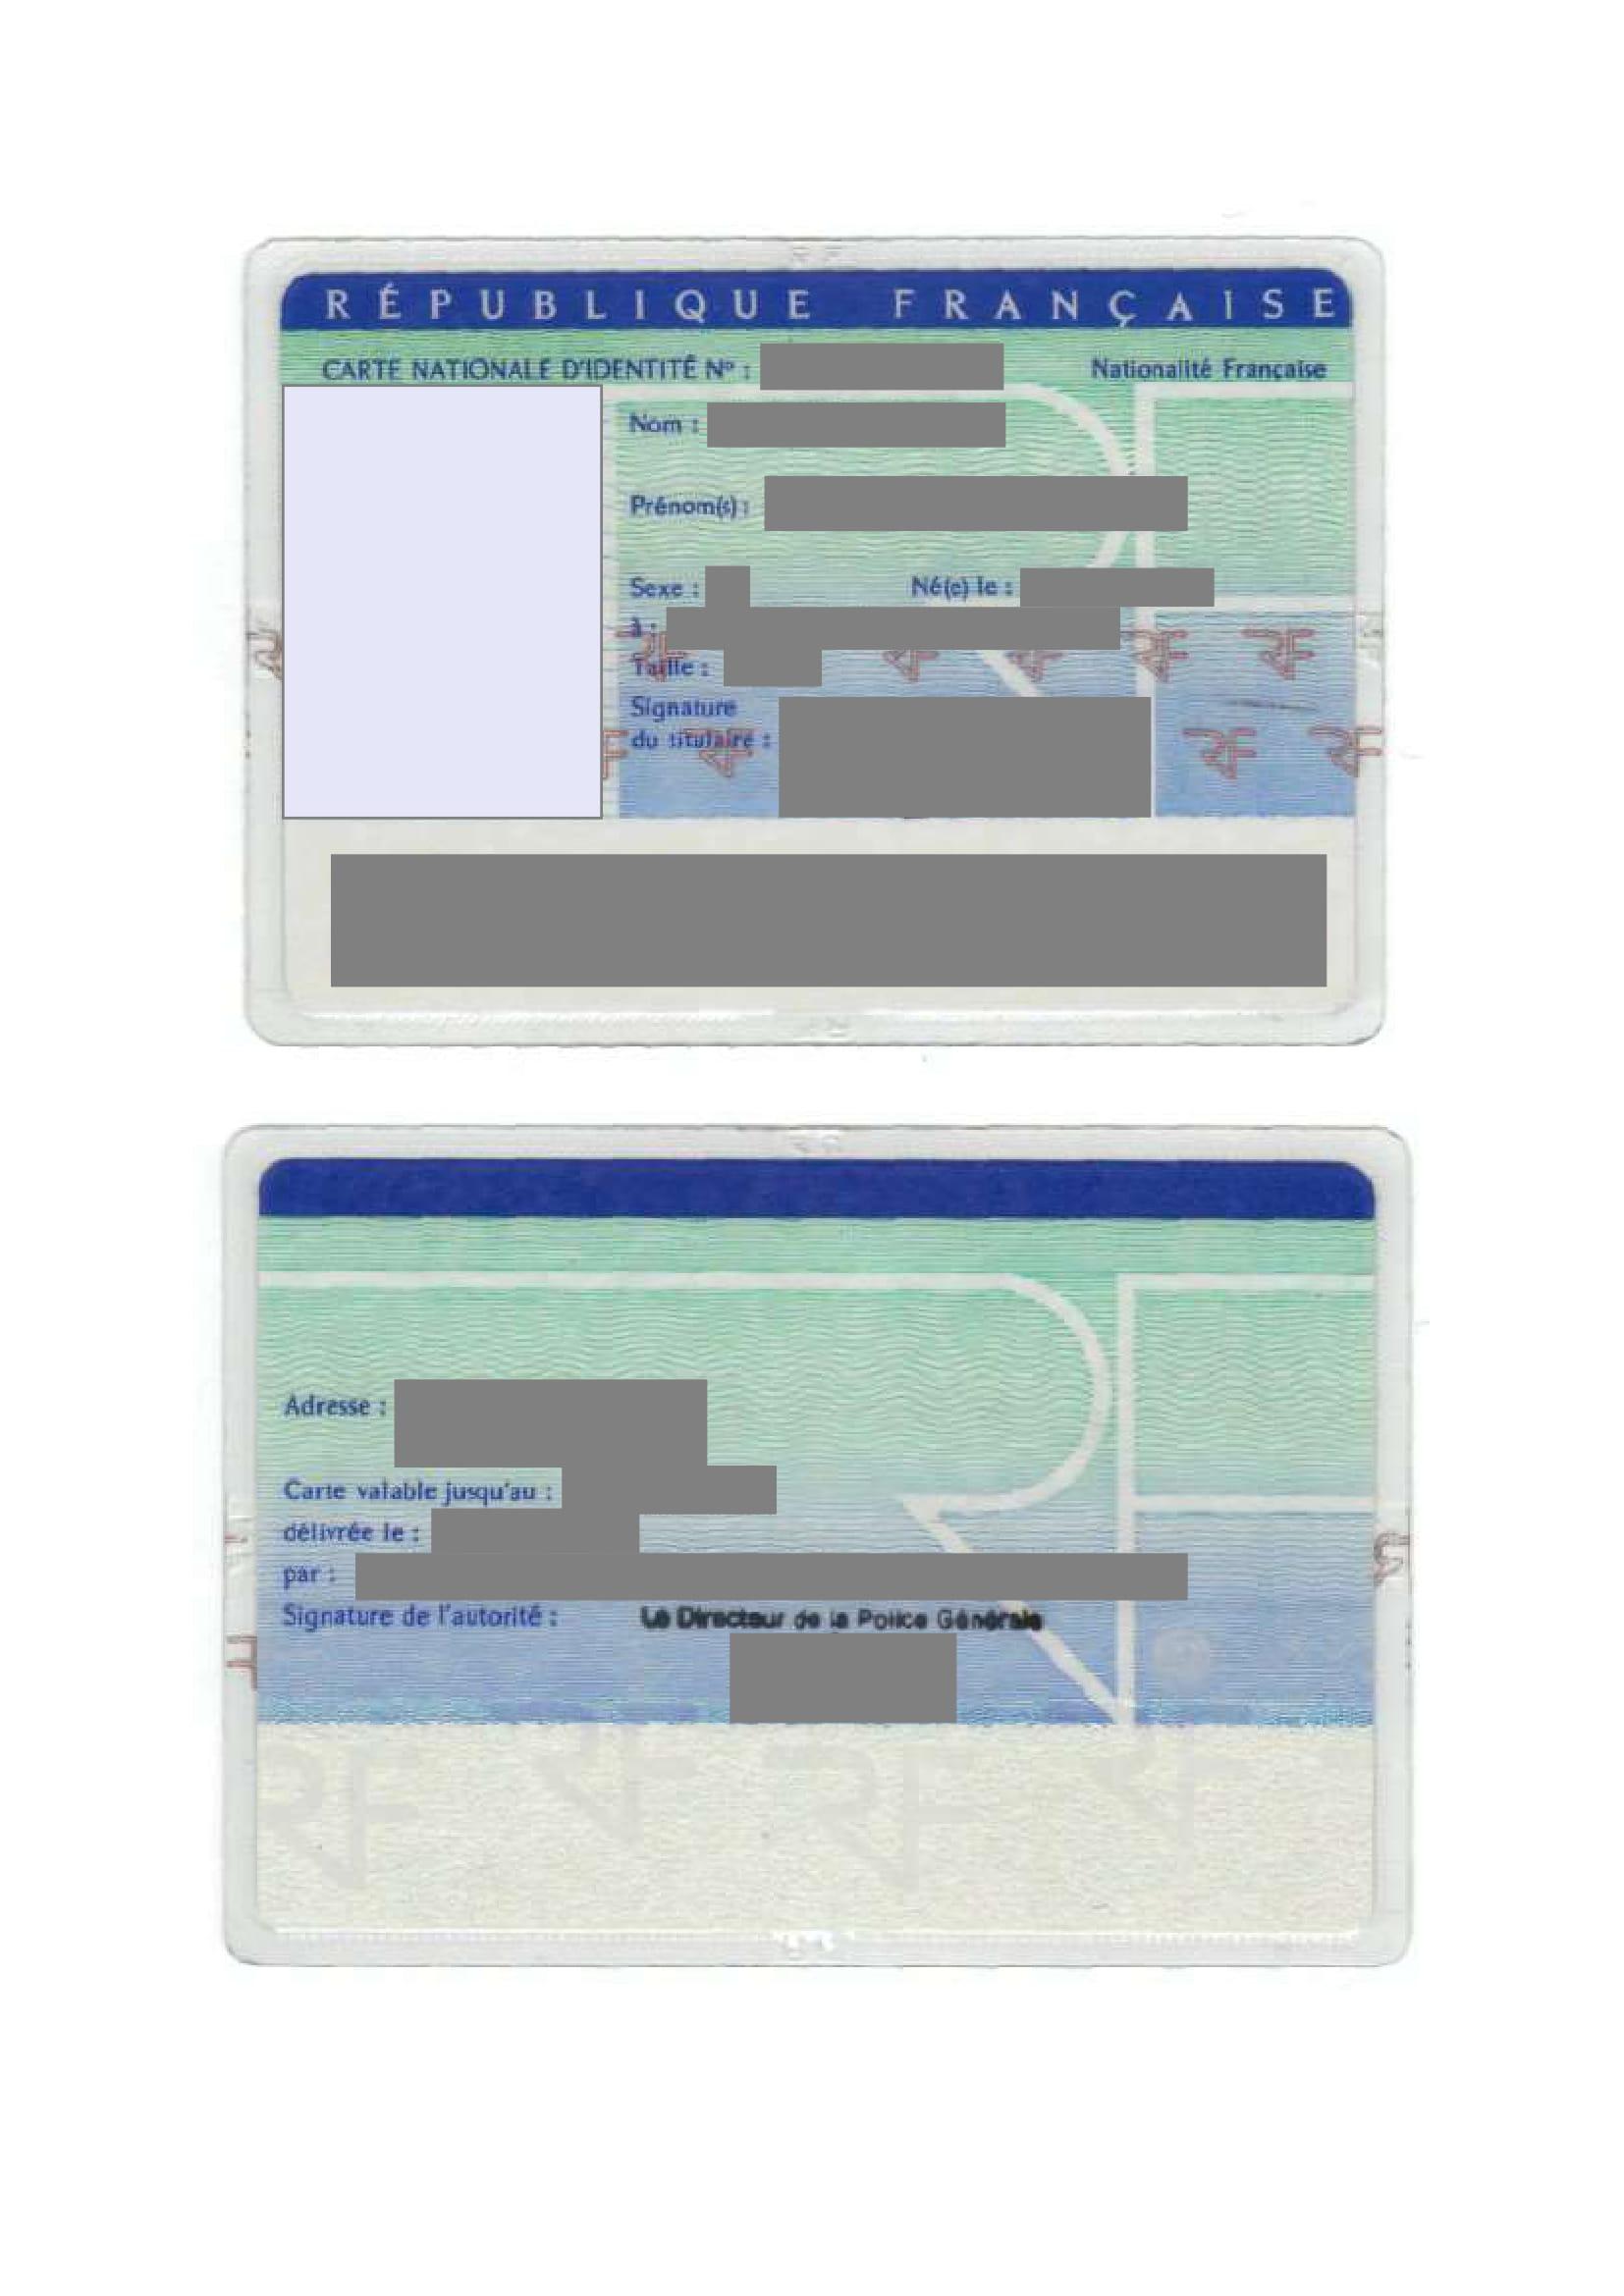 Traduction certifiée carte d'identité CNI-1